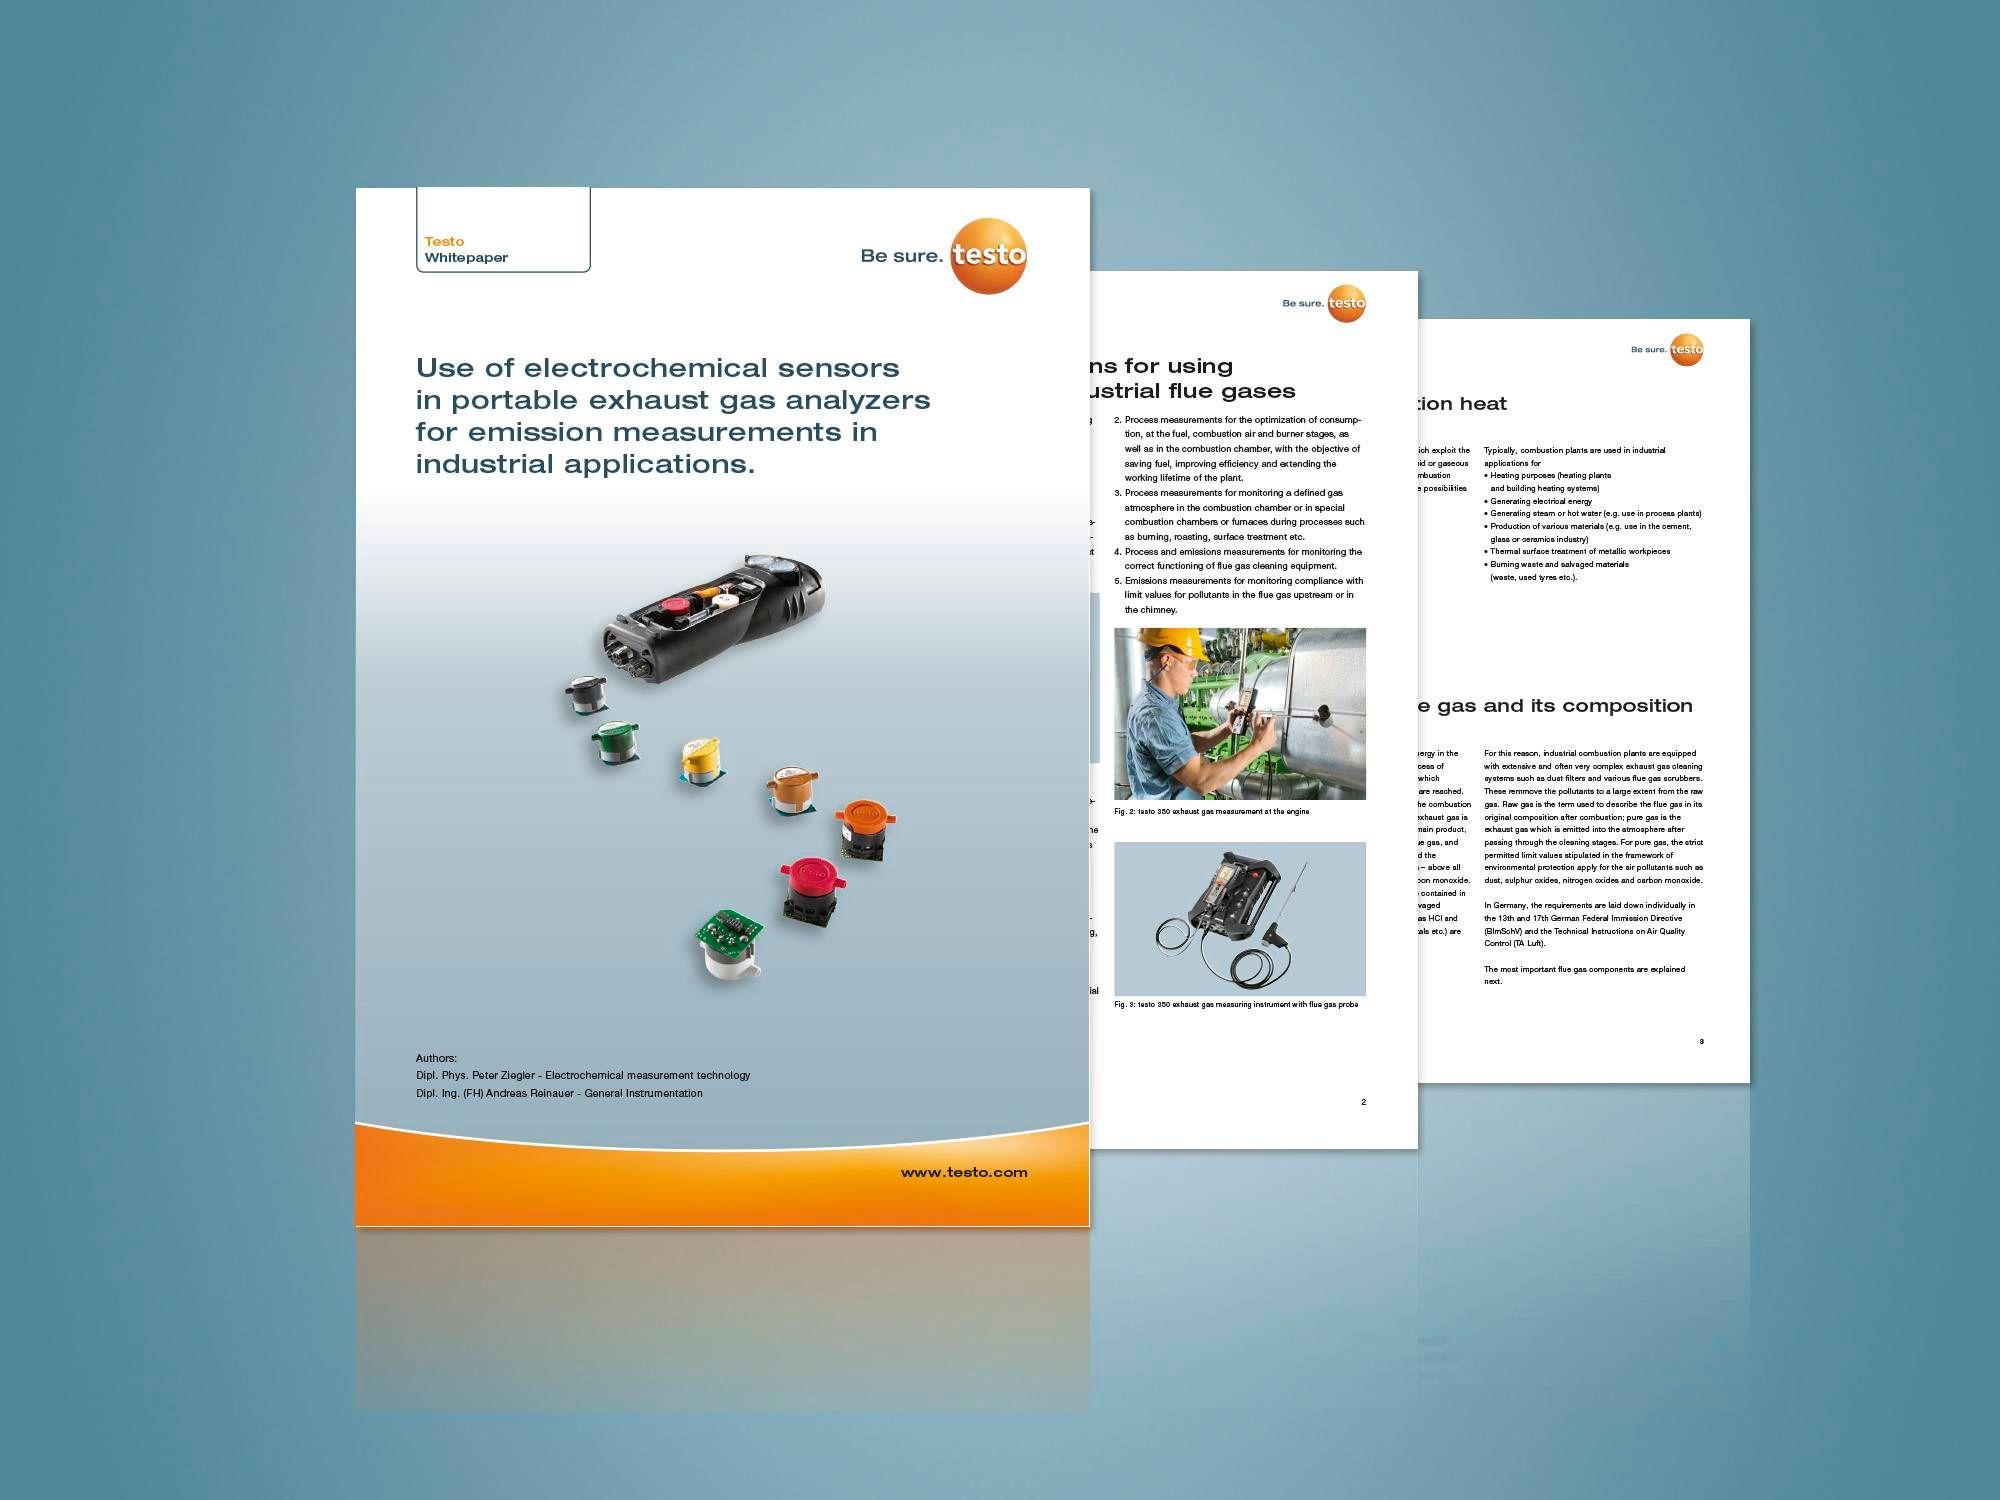 연소가스 분석기를 위한 </br>전기화학식 센서기술 백서